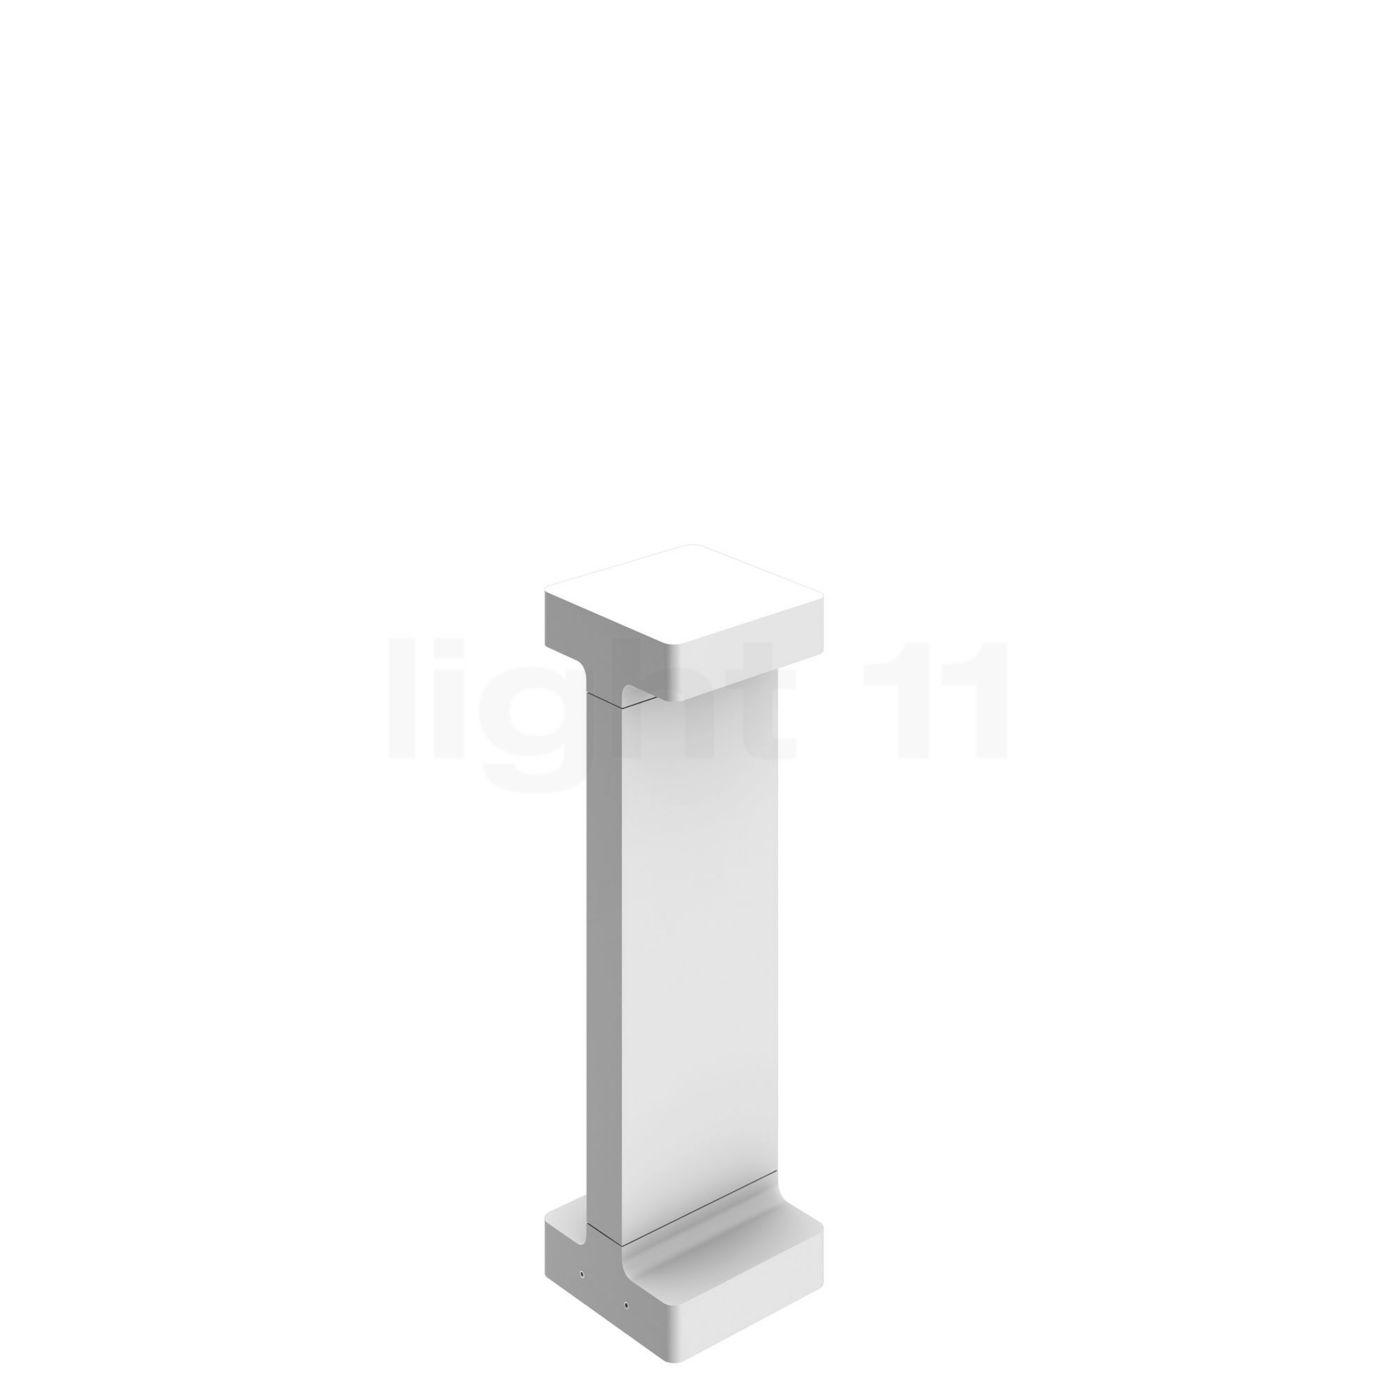 Flos Casting T 150 50 cm, weiß F1273001